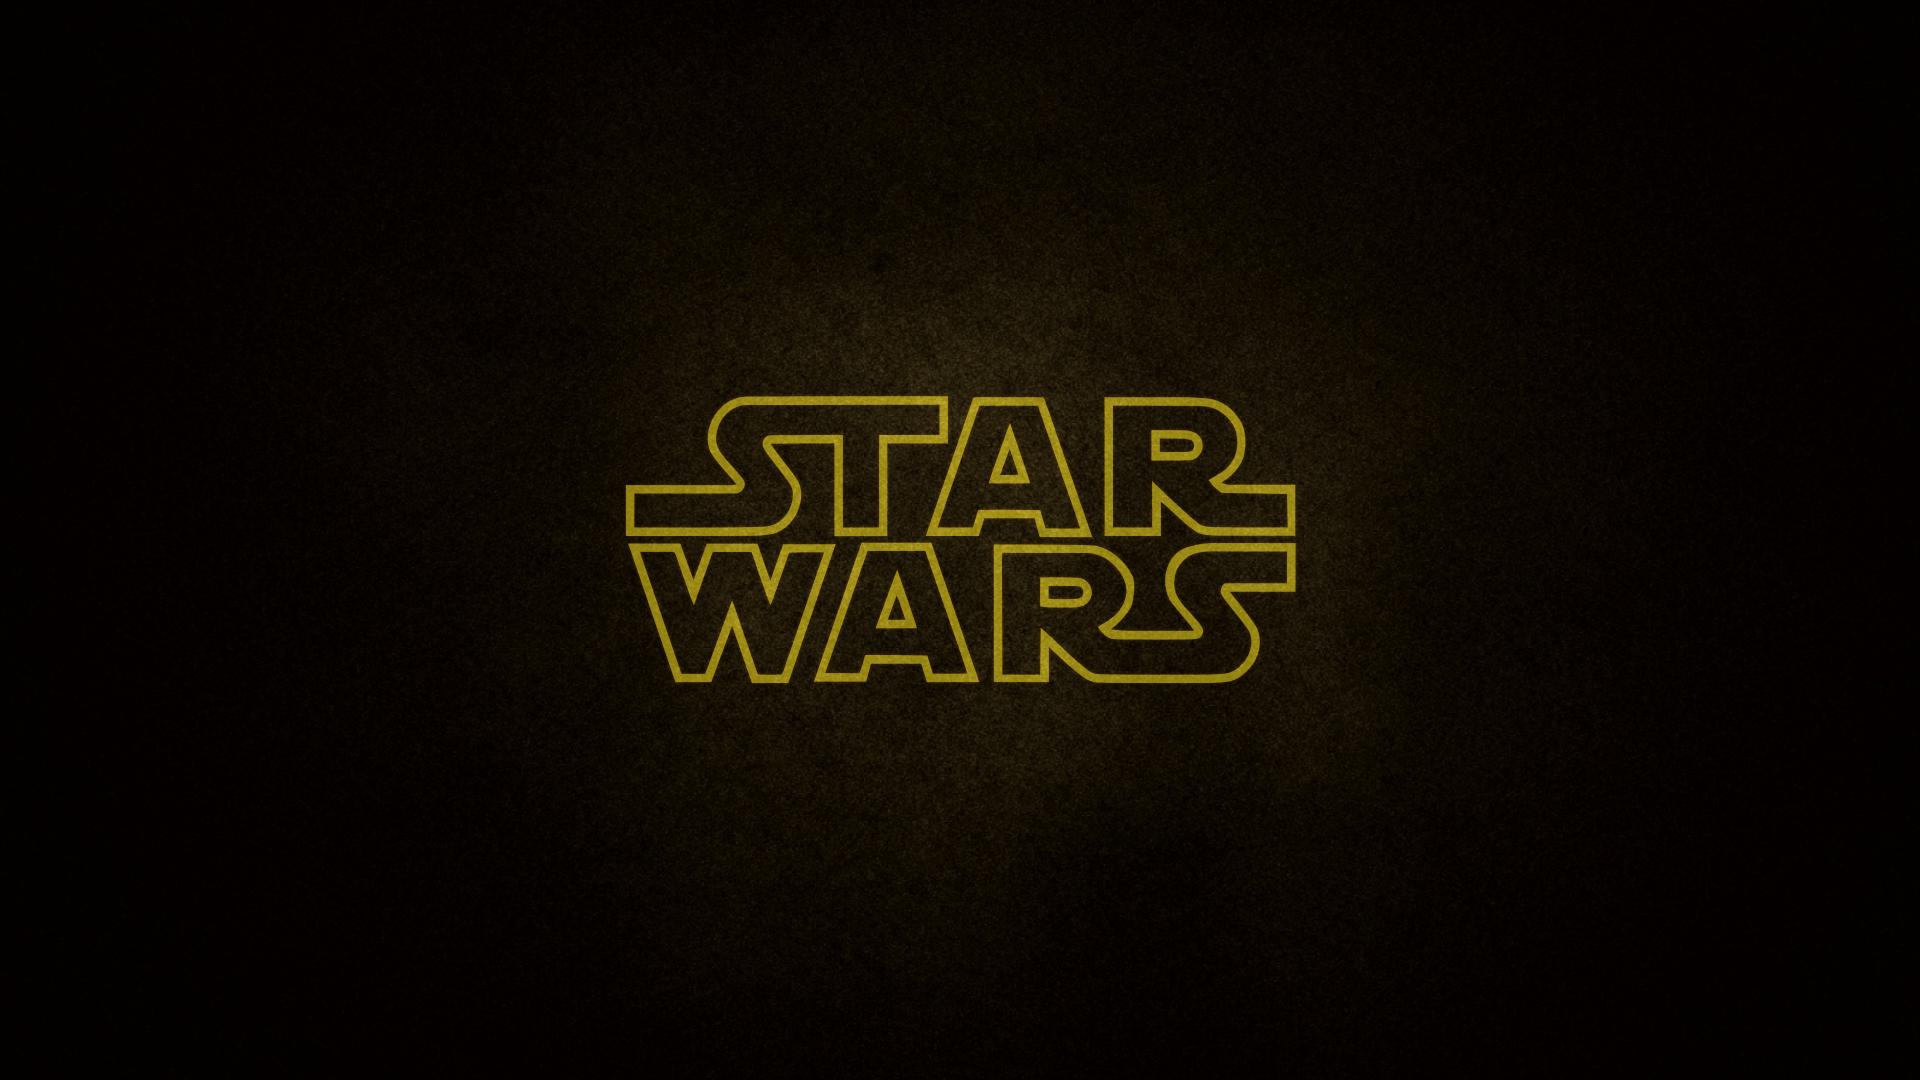 star wars classic logo by orangeman80 on deviantart